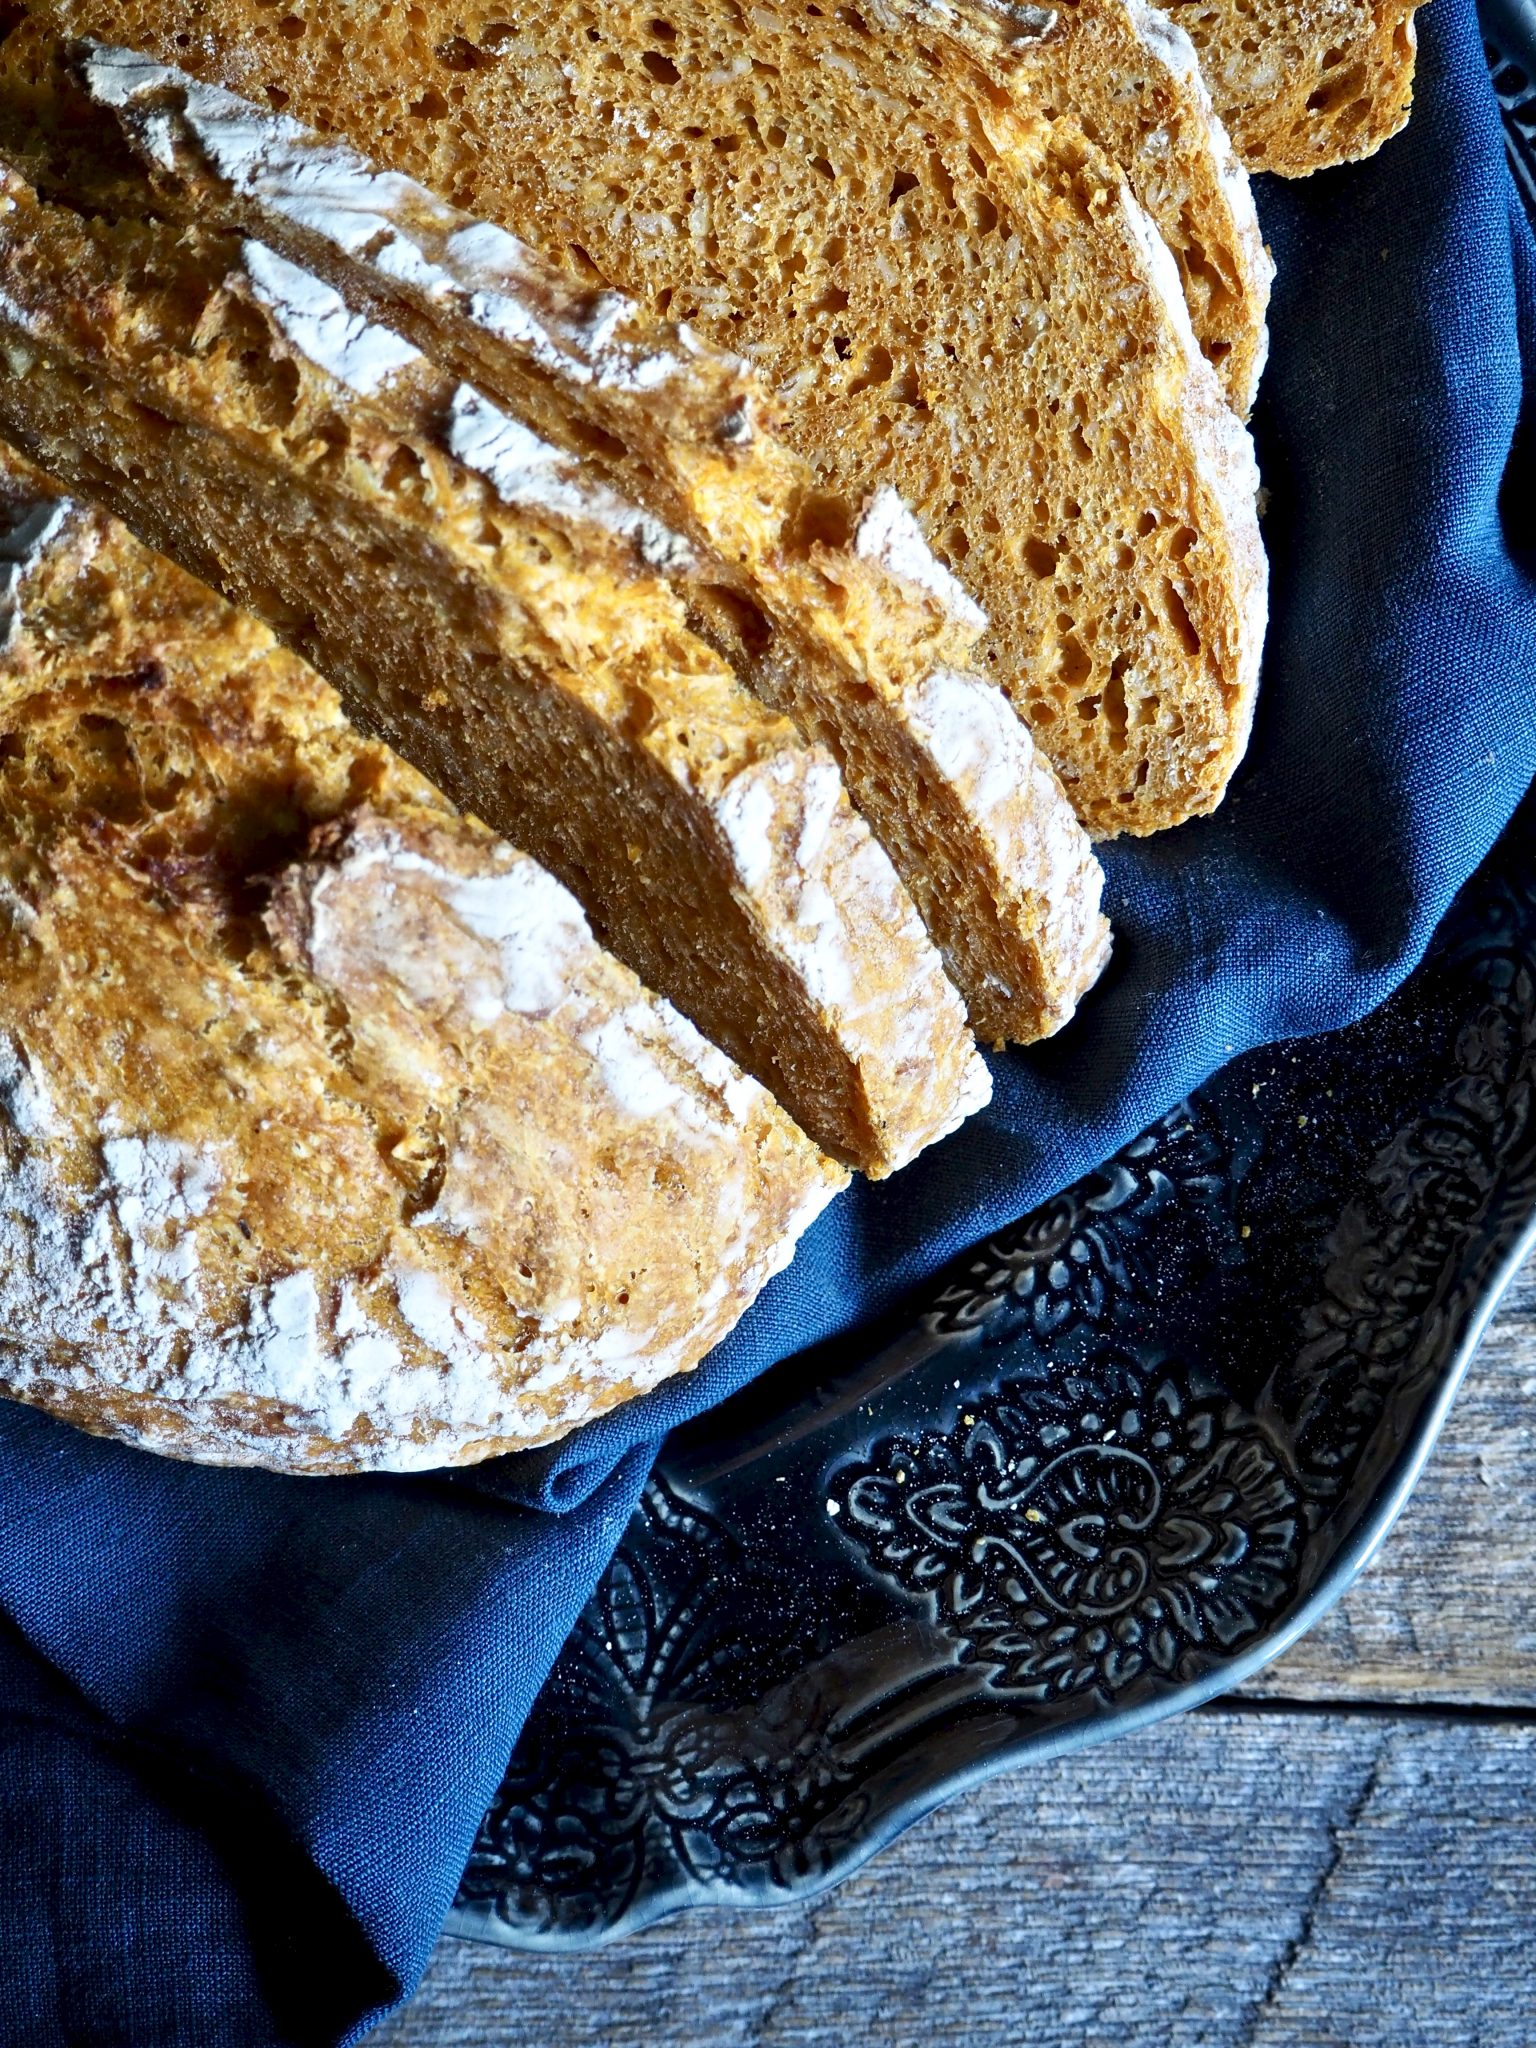 Eltefritt gulrotbrød med havre og solsikkekjerner